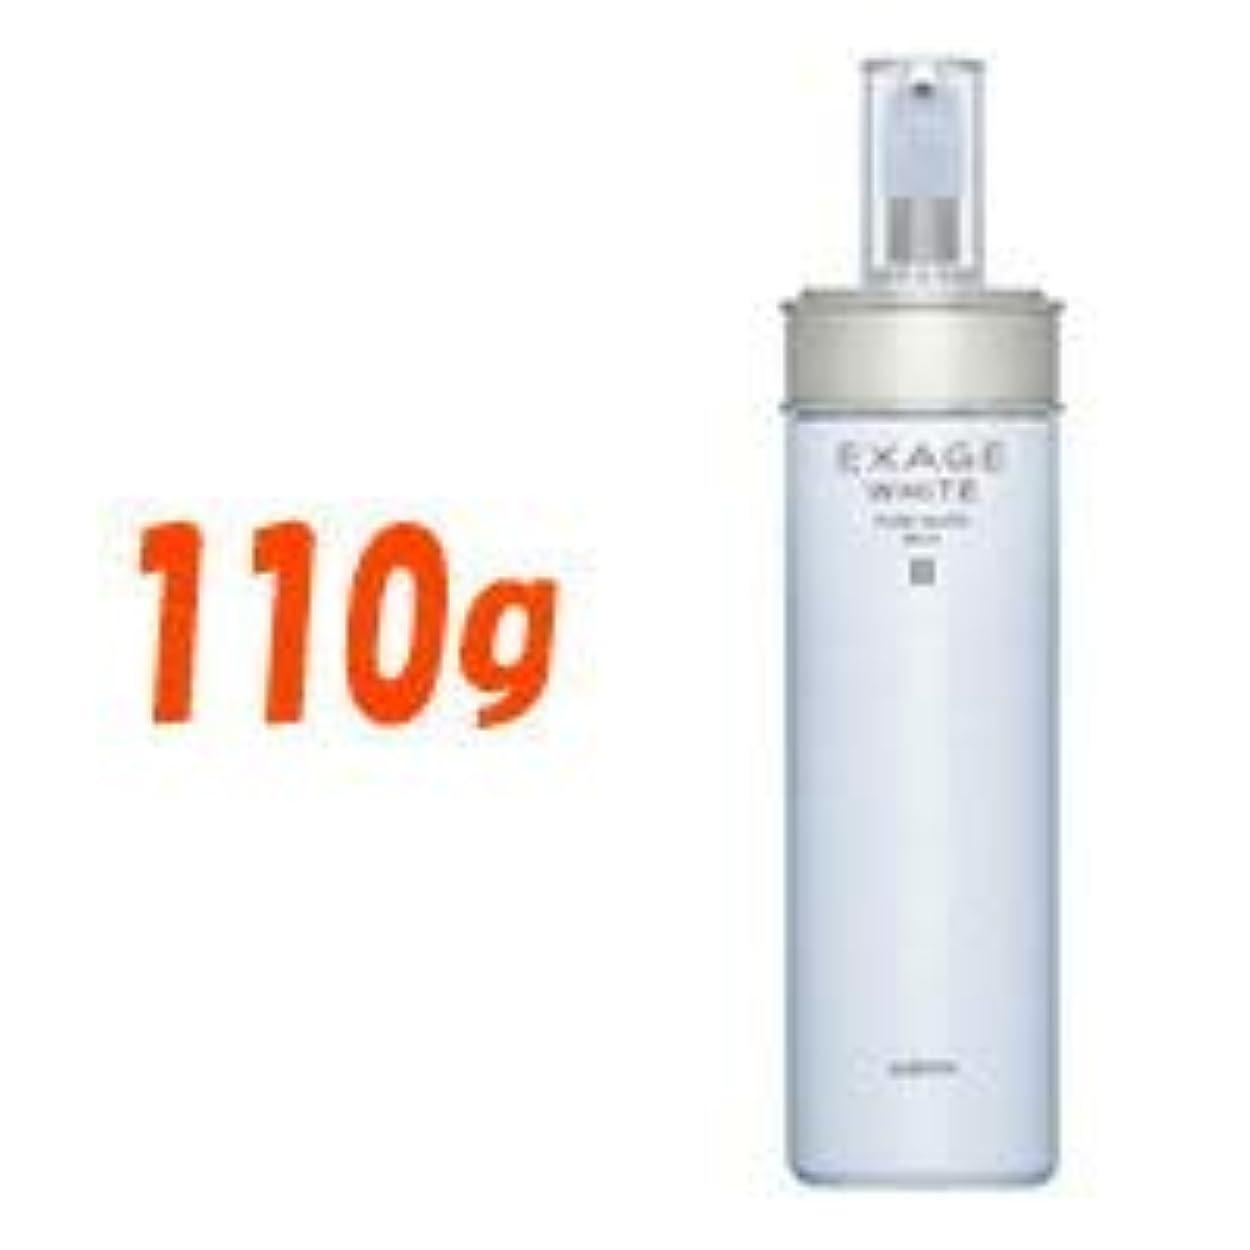 流行ボットリーガンアルビオン エクサージュ ホワイトピュアホワイトミルク(2) 110g